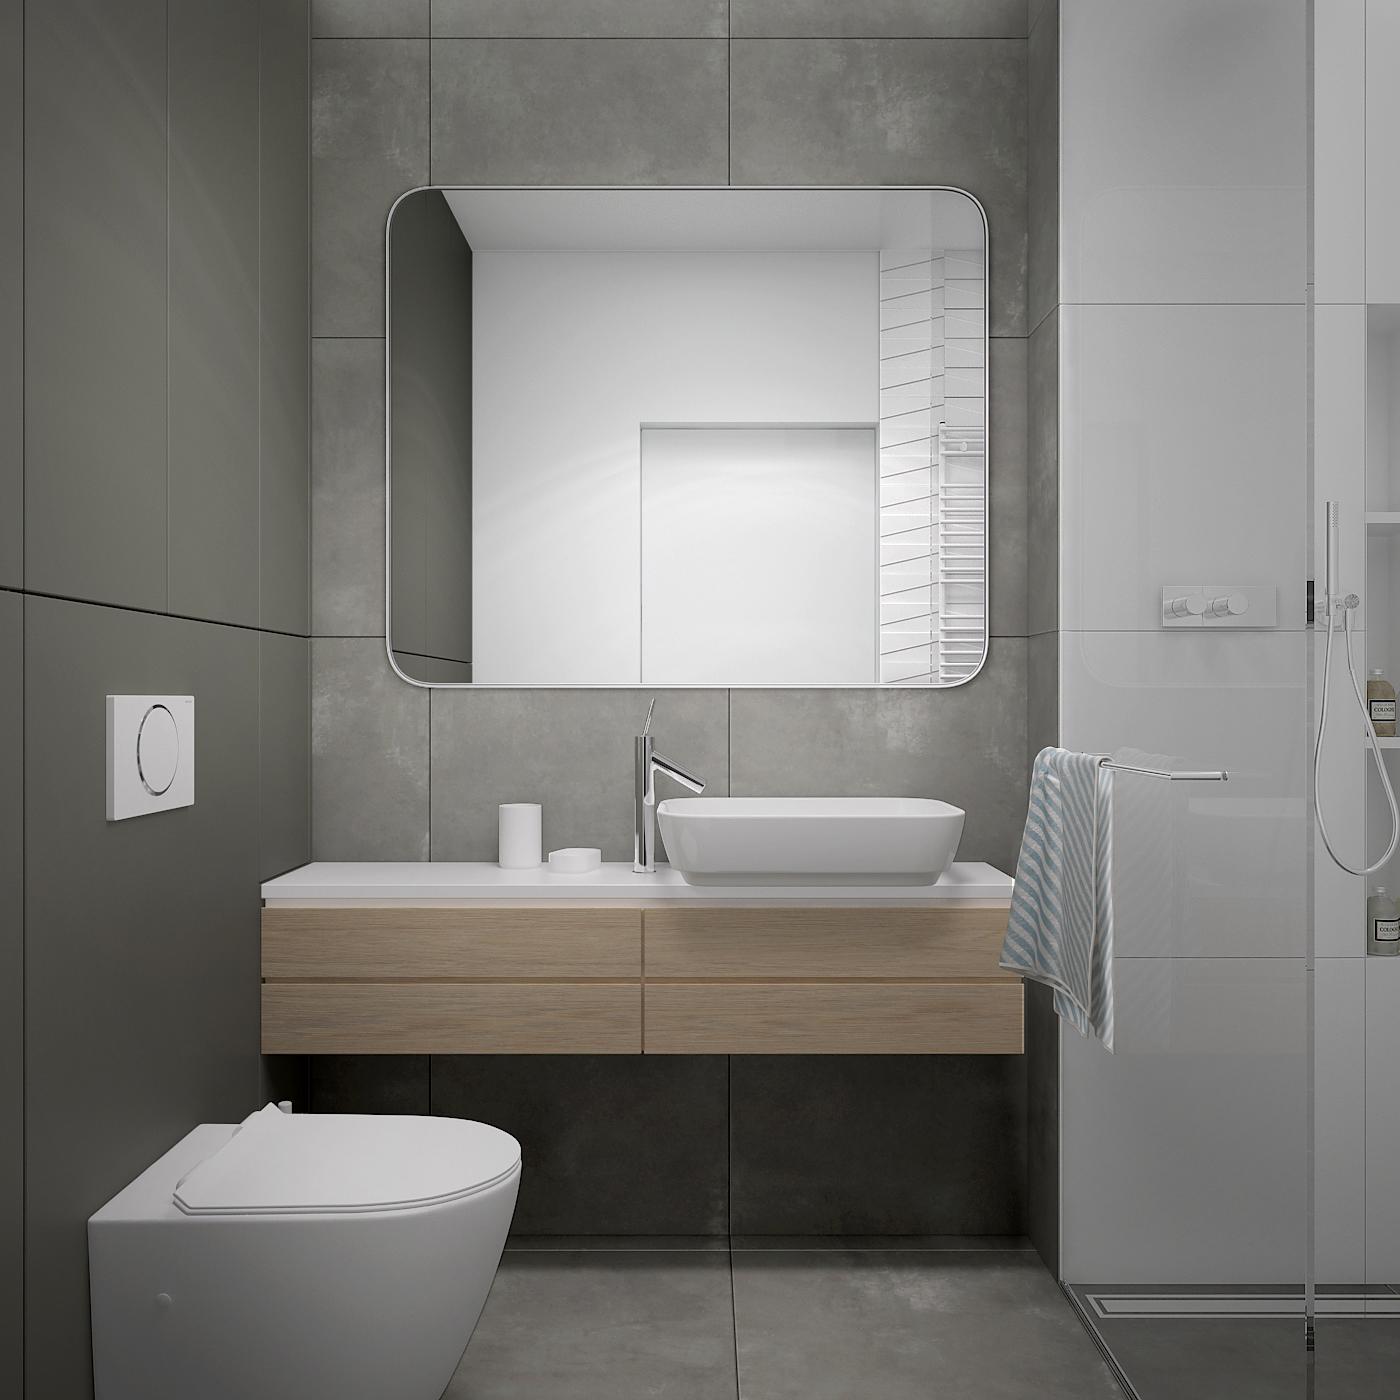 24 projekt wnetrza 537 mieszkanie krakow lazienka nablatowa umywalka nablatowa bateria umywalkowa kabina walkin wiszaca szafka umywalkowa